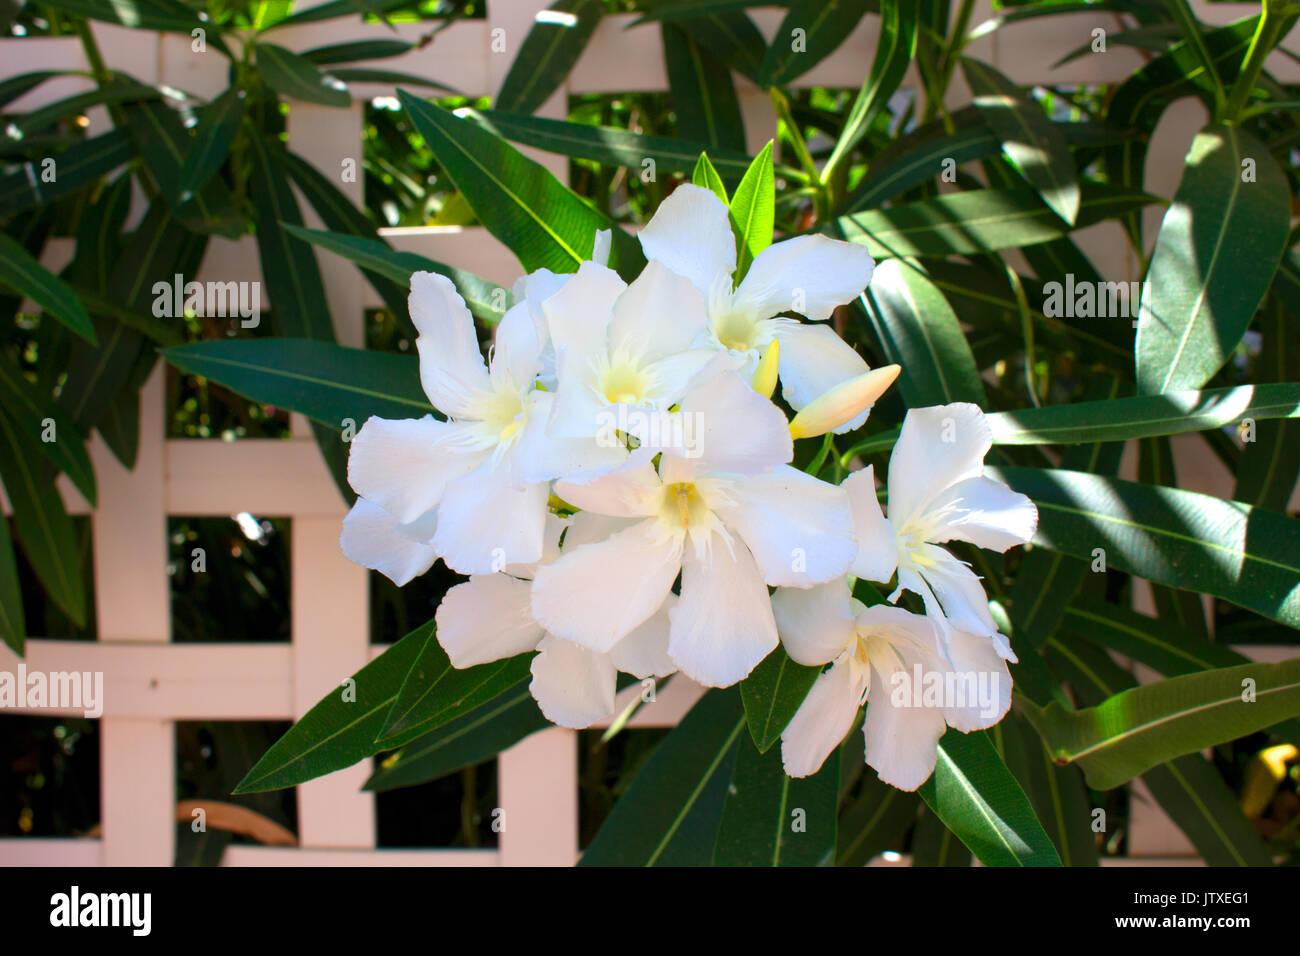 Pianta Con Fiori Bianchi.Fiori Bianchi Boccola Tropicale Con Fiori Di Colore Bianco